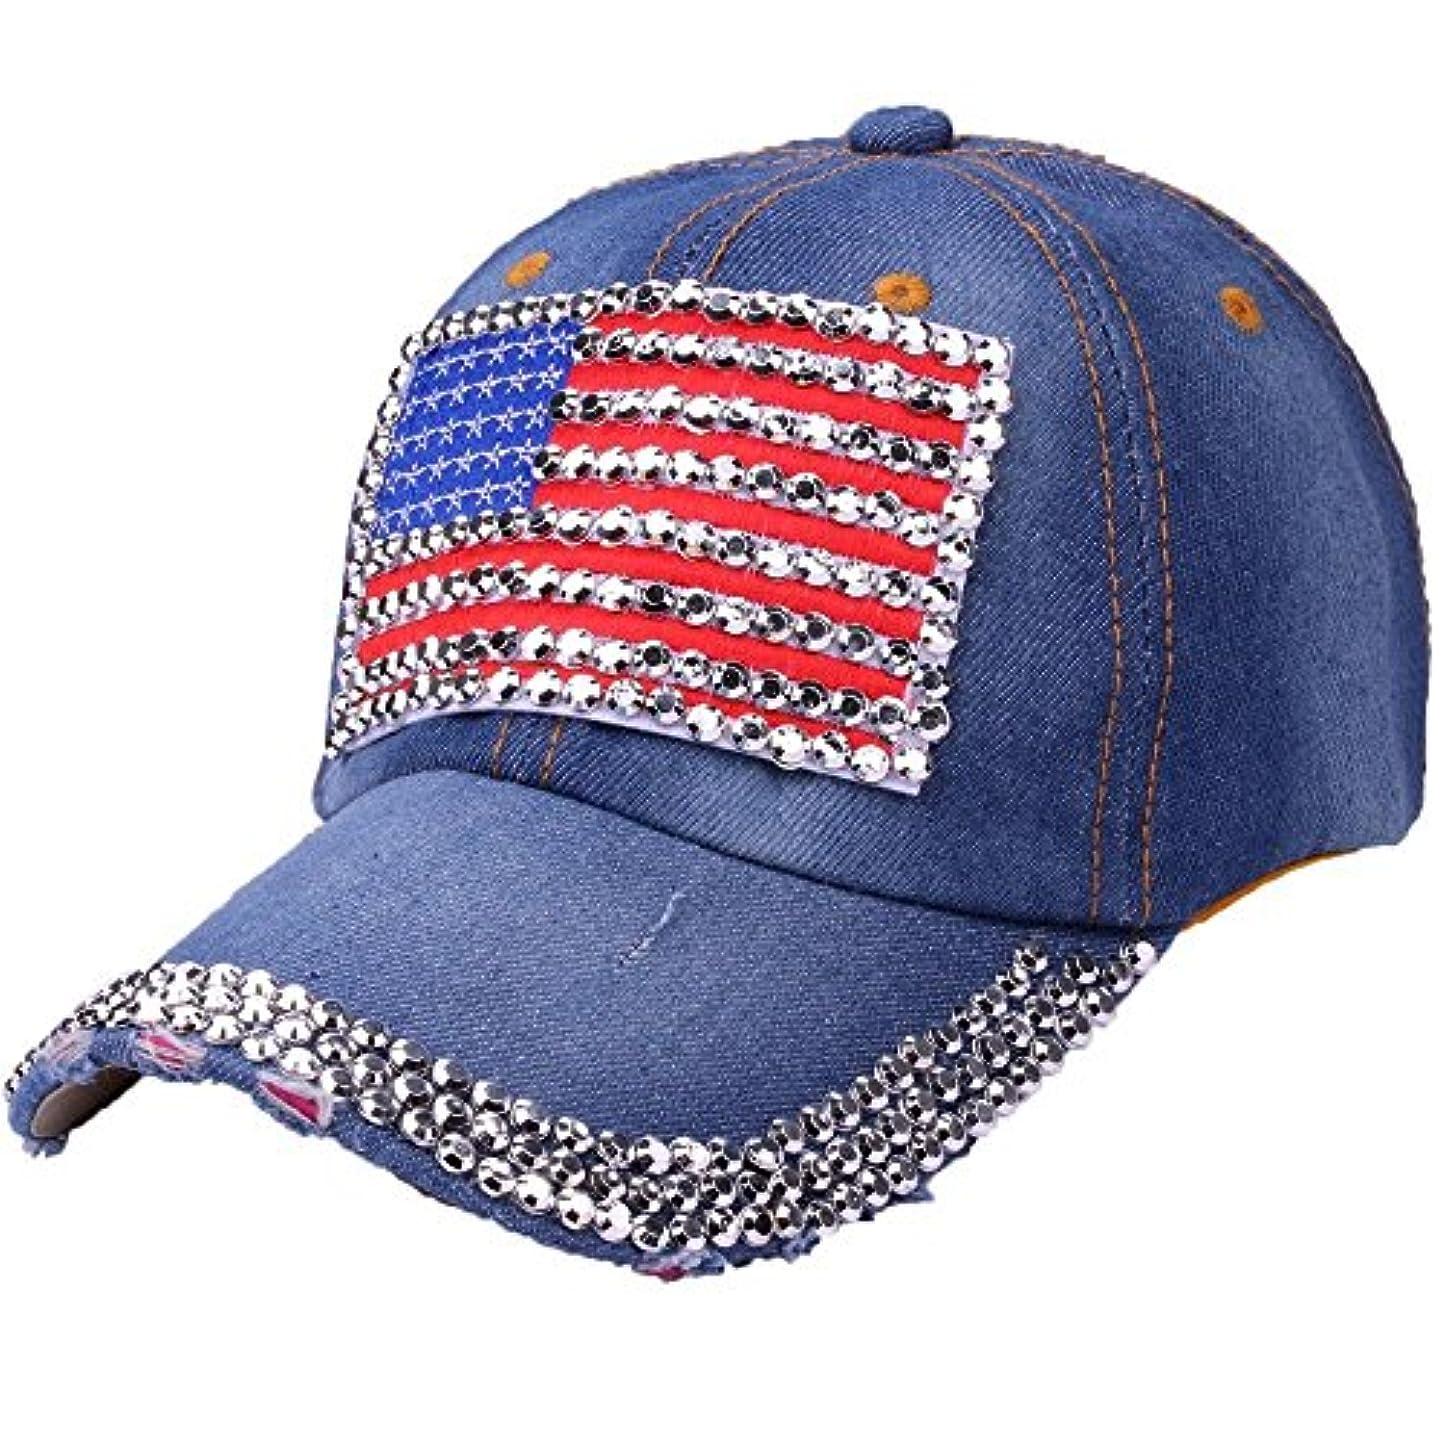 教えるスナップ快適Racazing Cap カウボーイ 野球帽 ヒップホップ 通気性のある ラインストーン 帽子 夏 登山 アメリカの旗 可調整可能 棒球帽 男女兼用 UV 帽子 軽量 屋外 ジーンズ Unisex Cap (C)